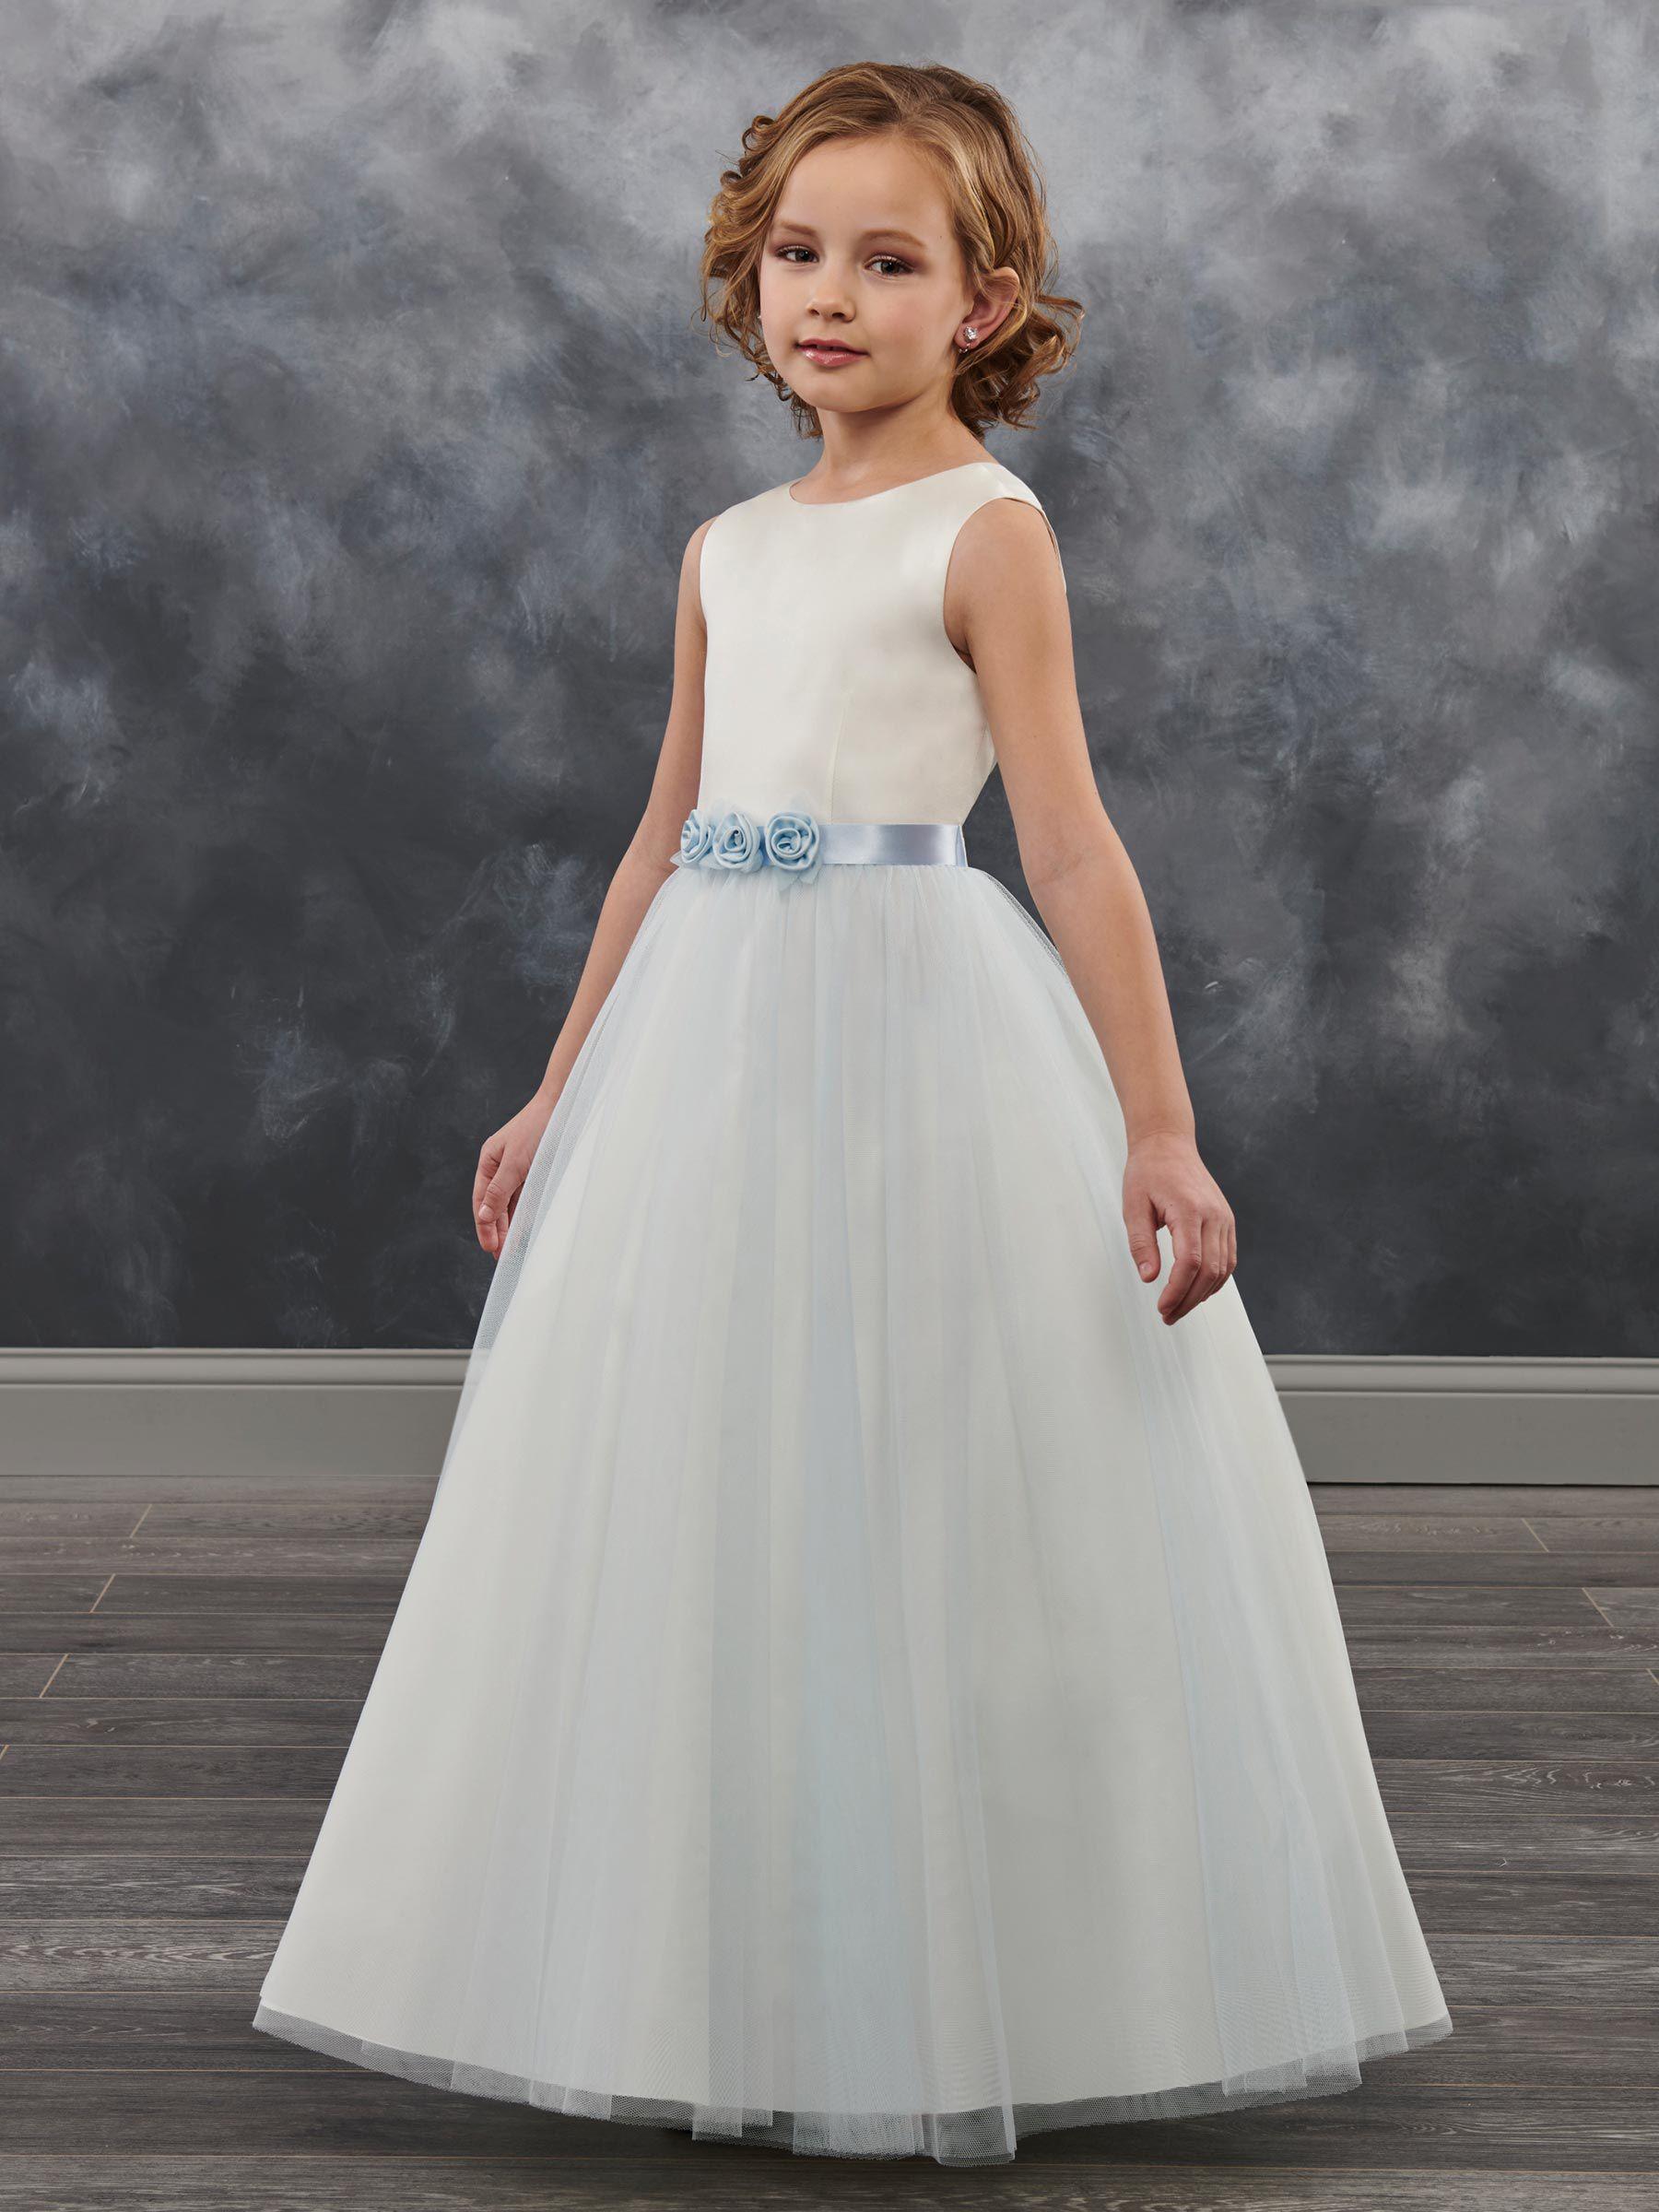 Uroczy IvoryBlue Tulle Jewel Flowers Flower Girl Dresses Girls 'Pagews Sukienki Wakacje / Urodziny Dress / Spódnica Custom Size 2-14 DF718425